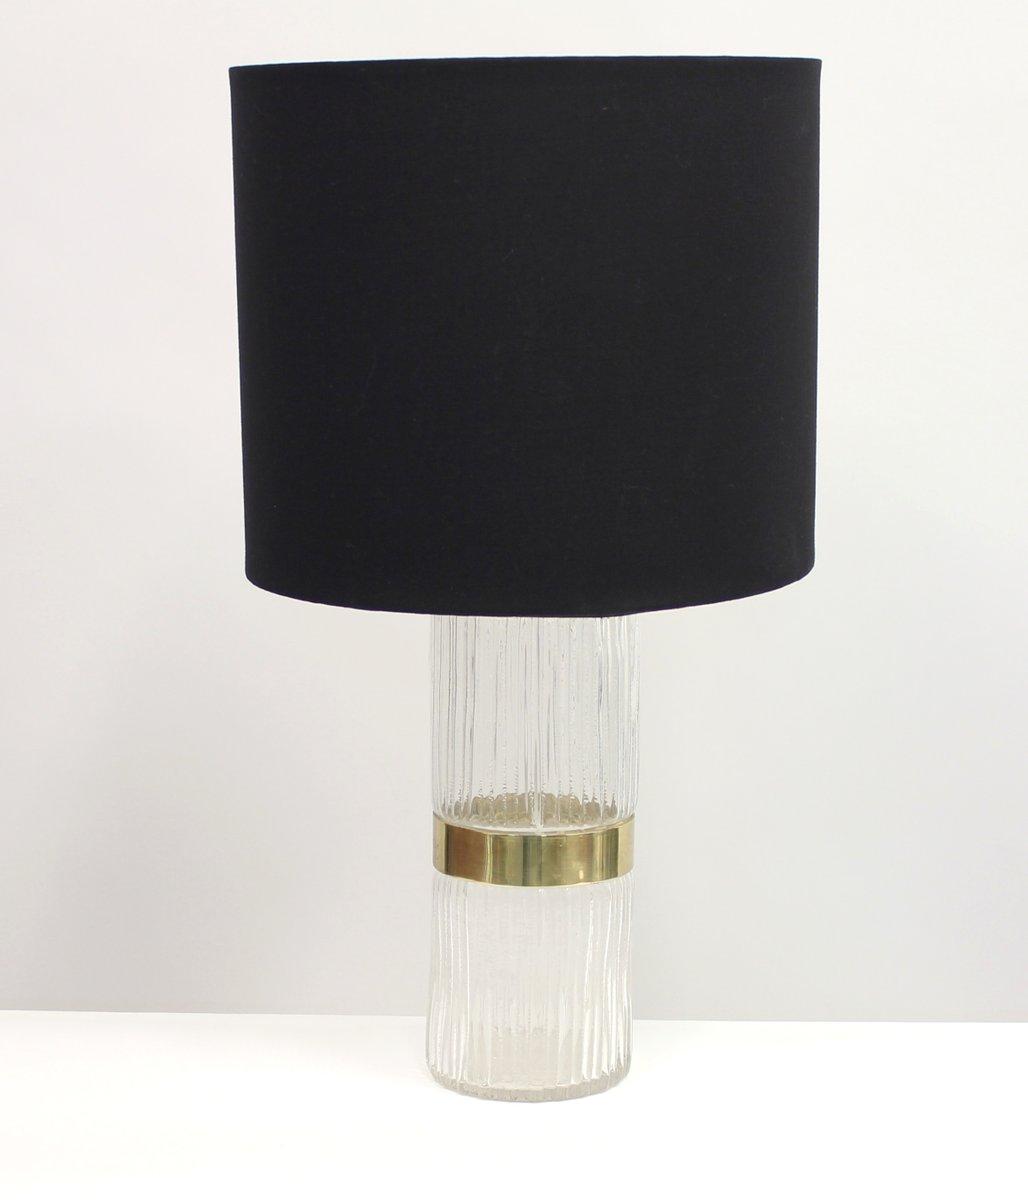 Schwedische Tischlampe aus Messing & Pressglas, 1960er